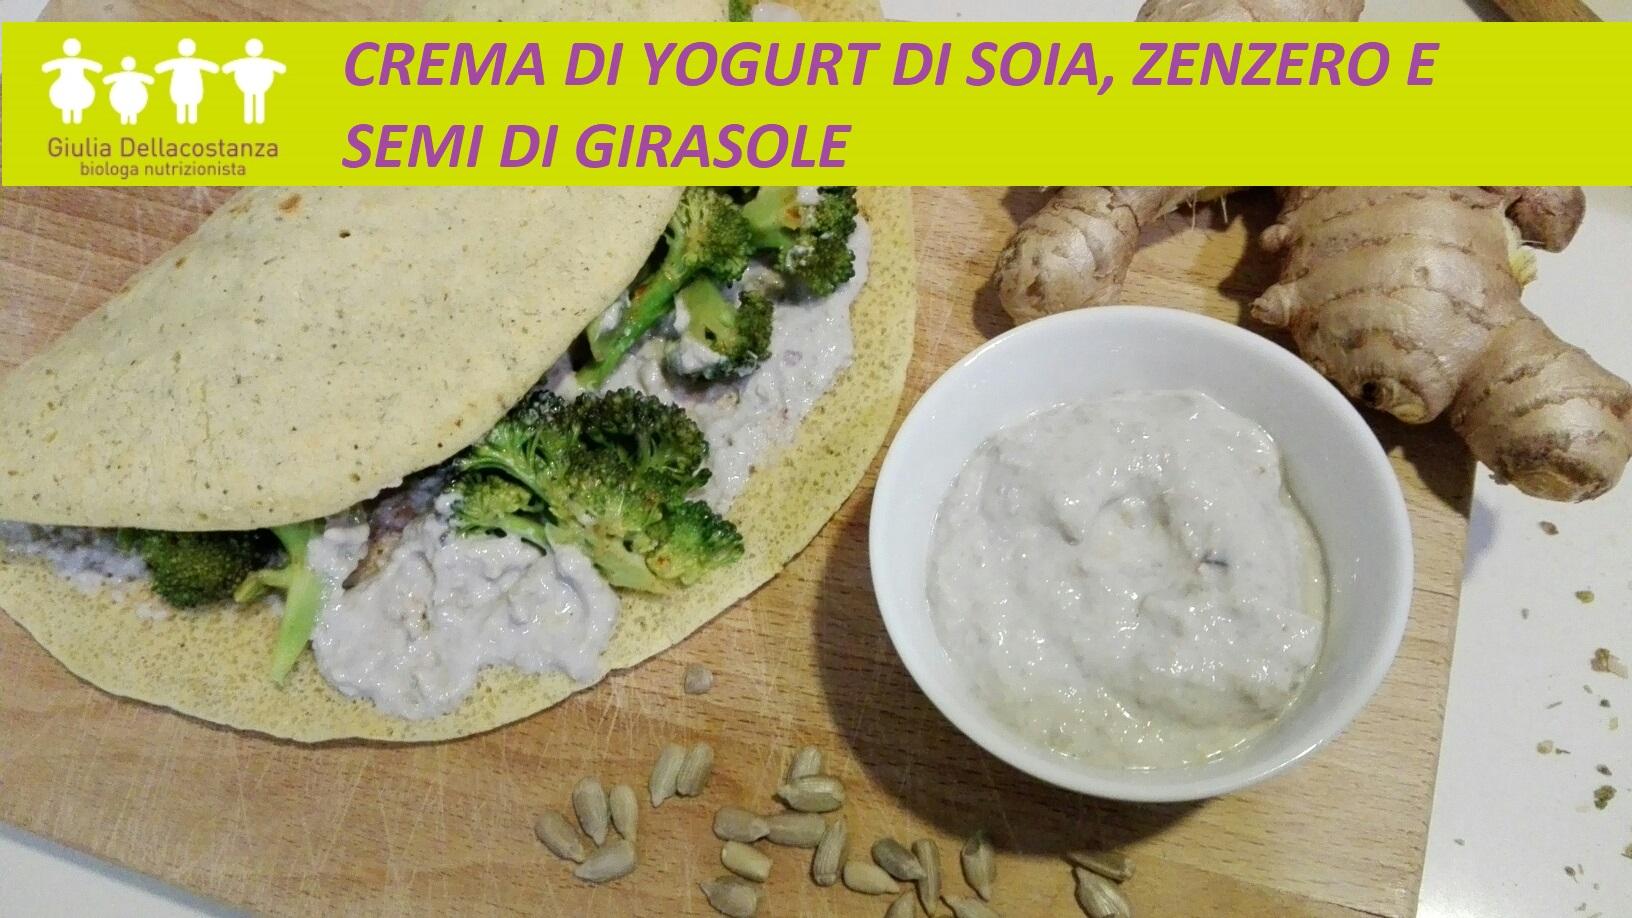 Crema di yogurt di soia, zenzero e semi di girasole